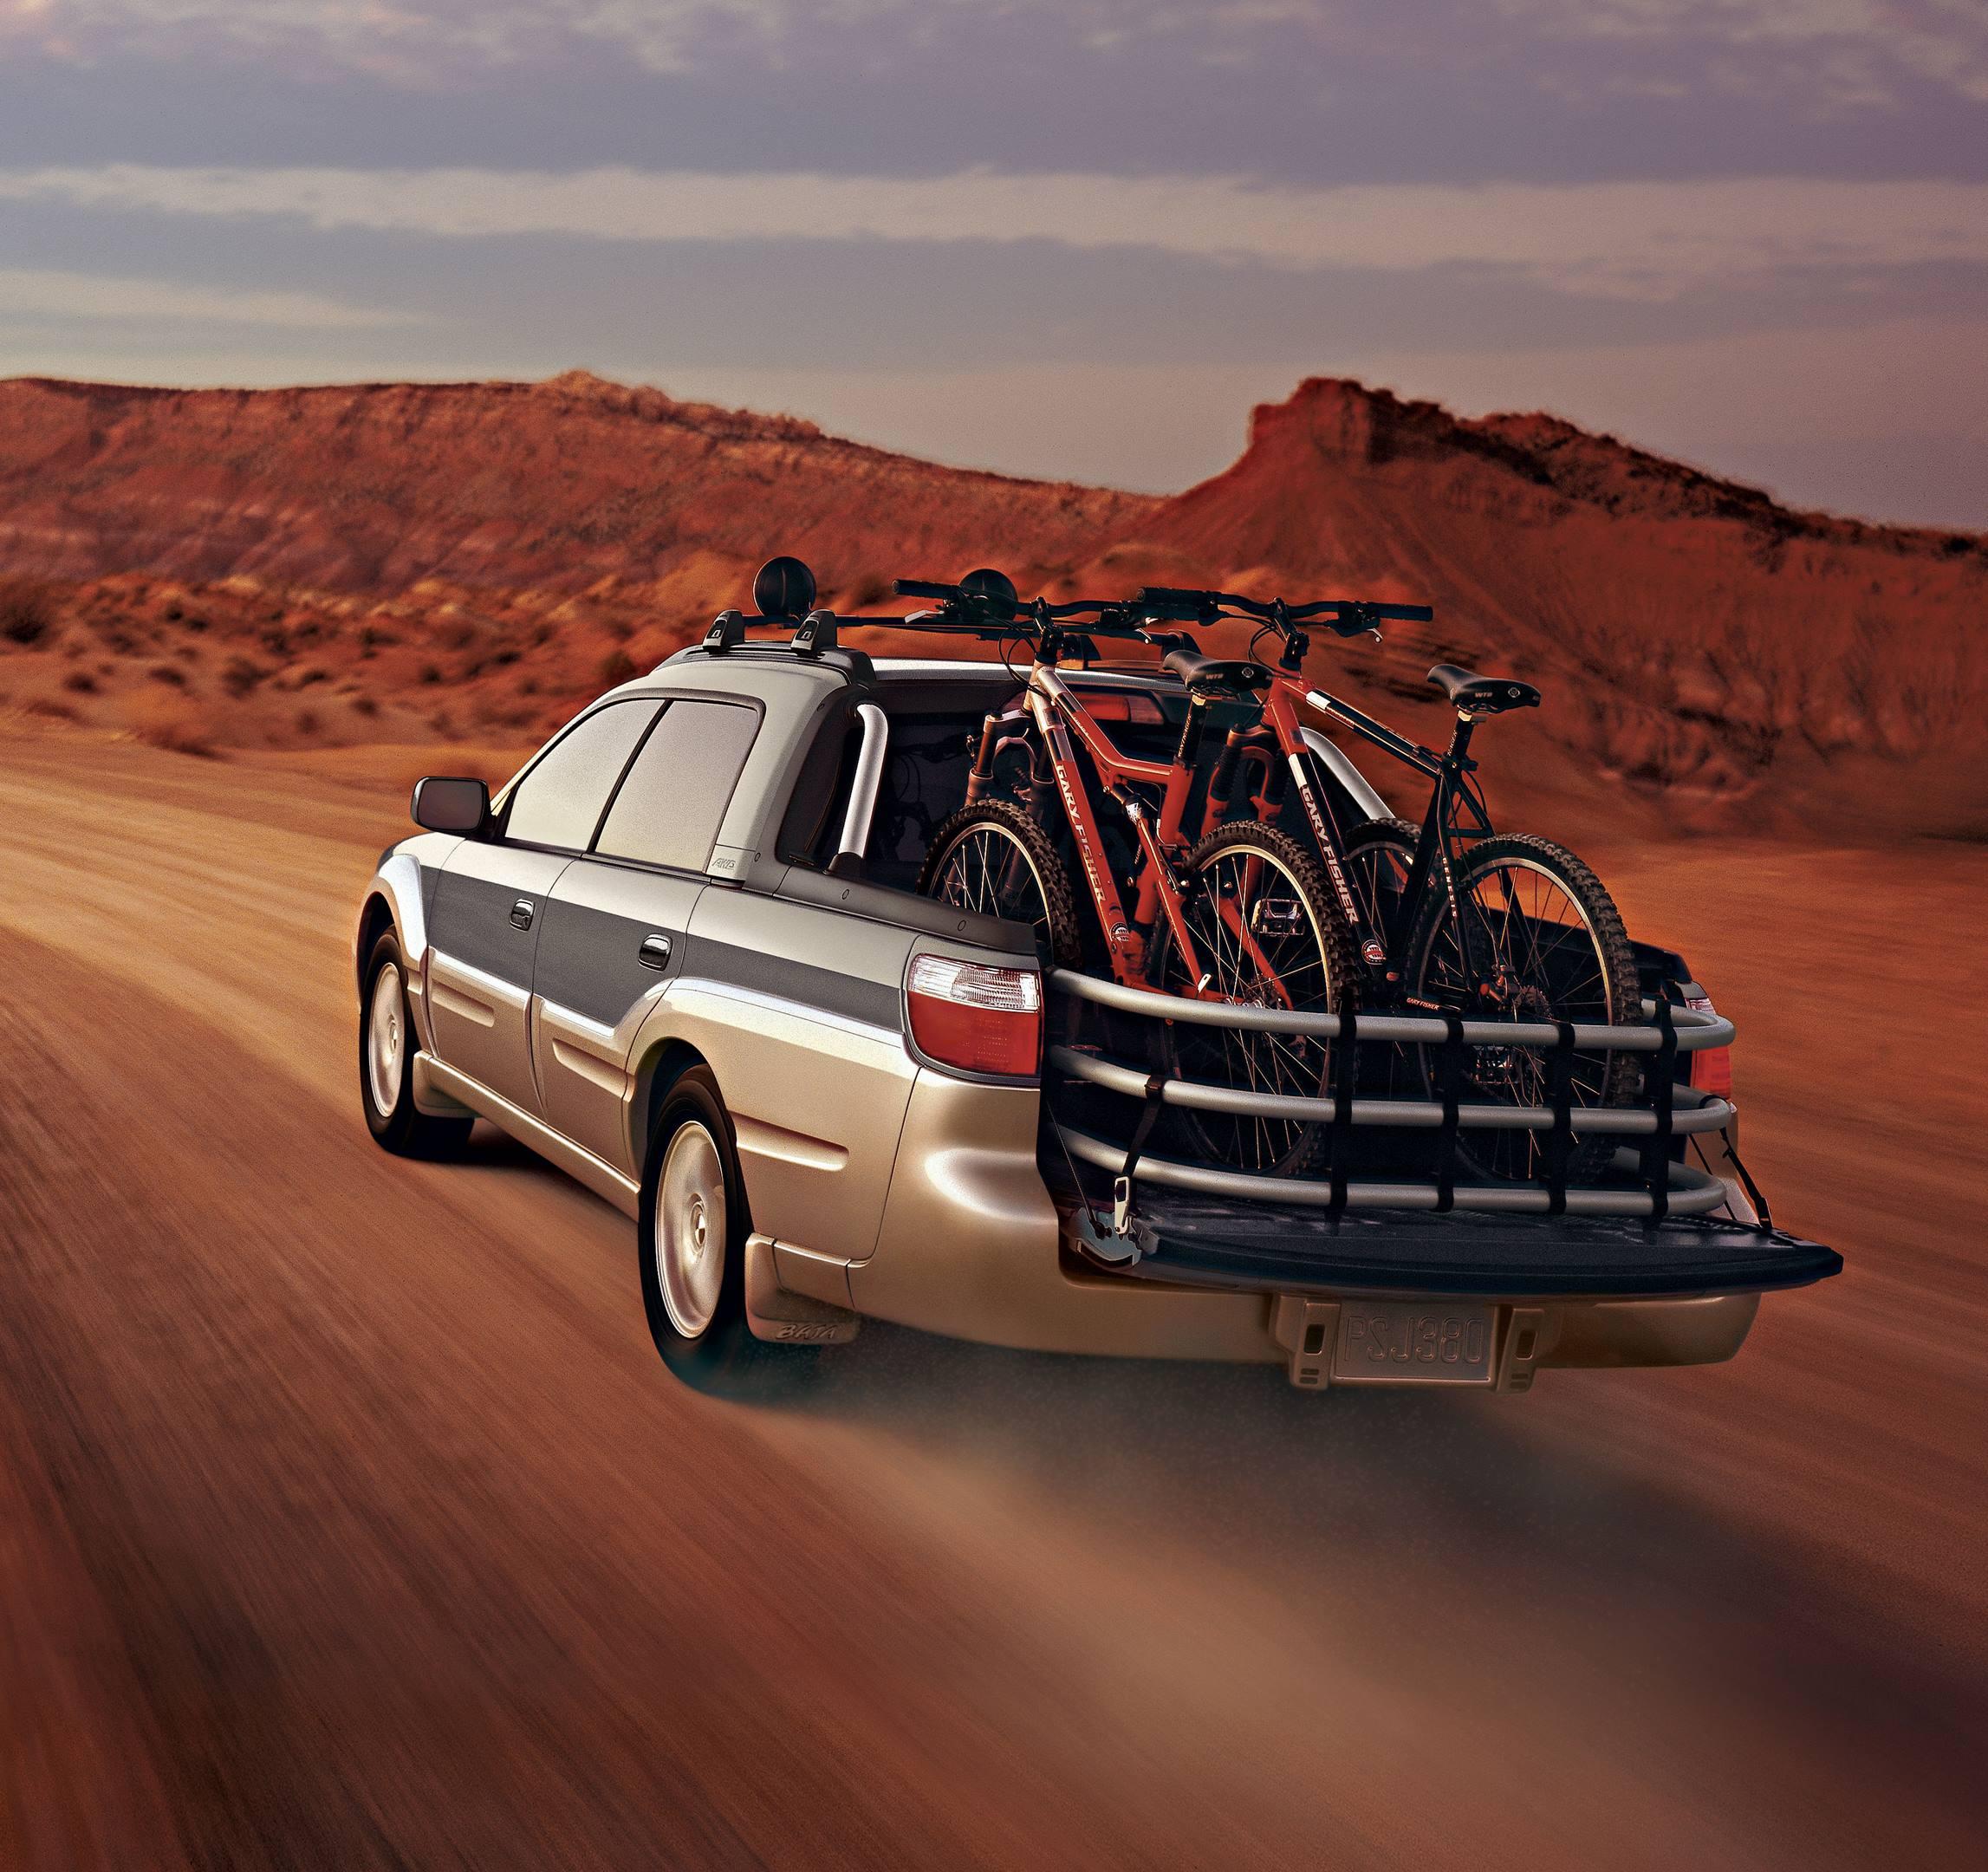 2005 Subaru Baja with bikes